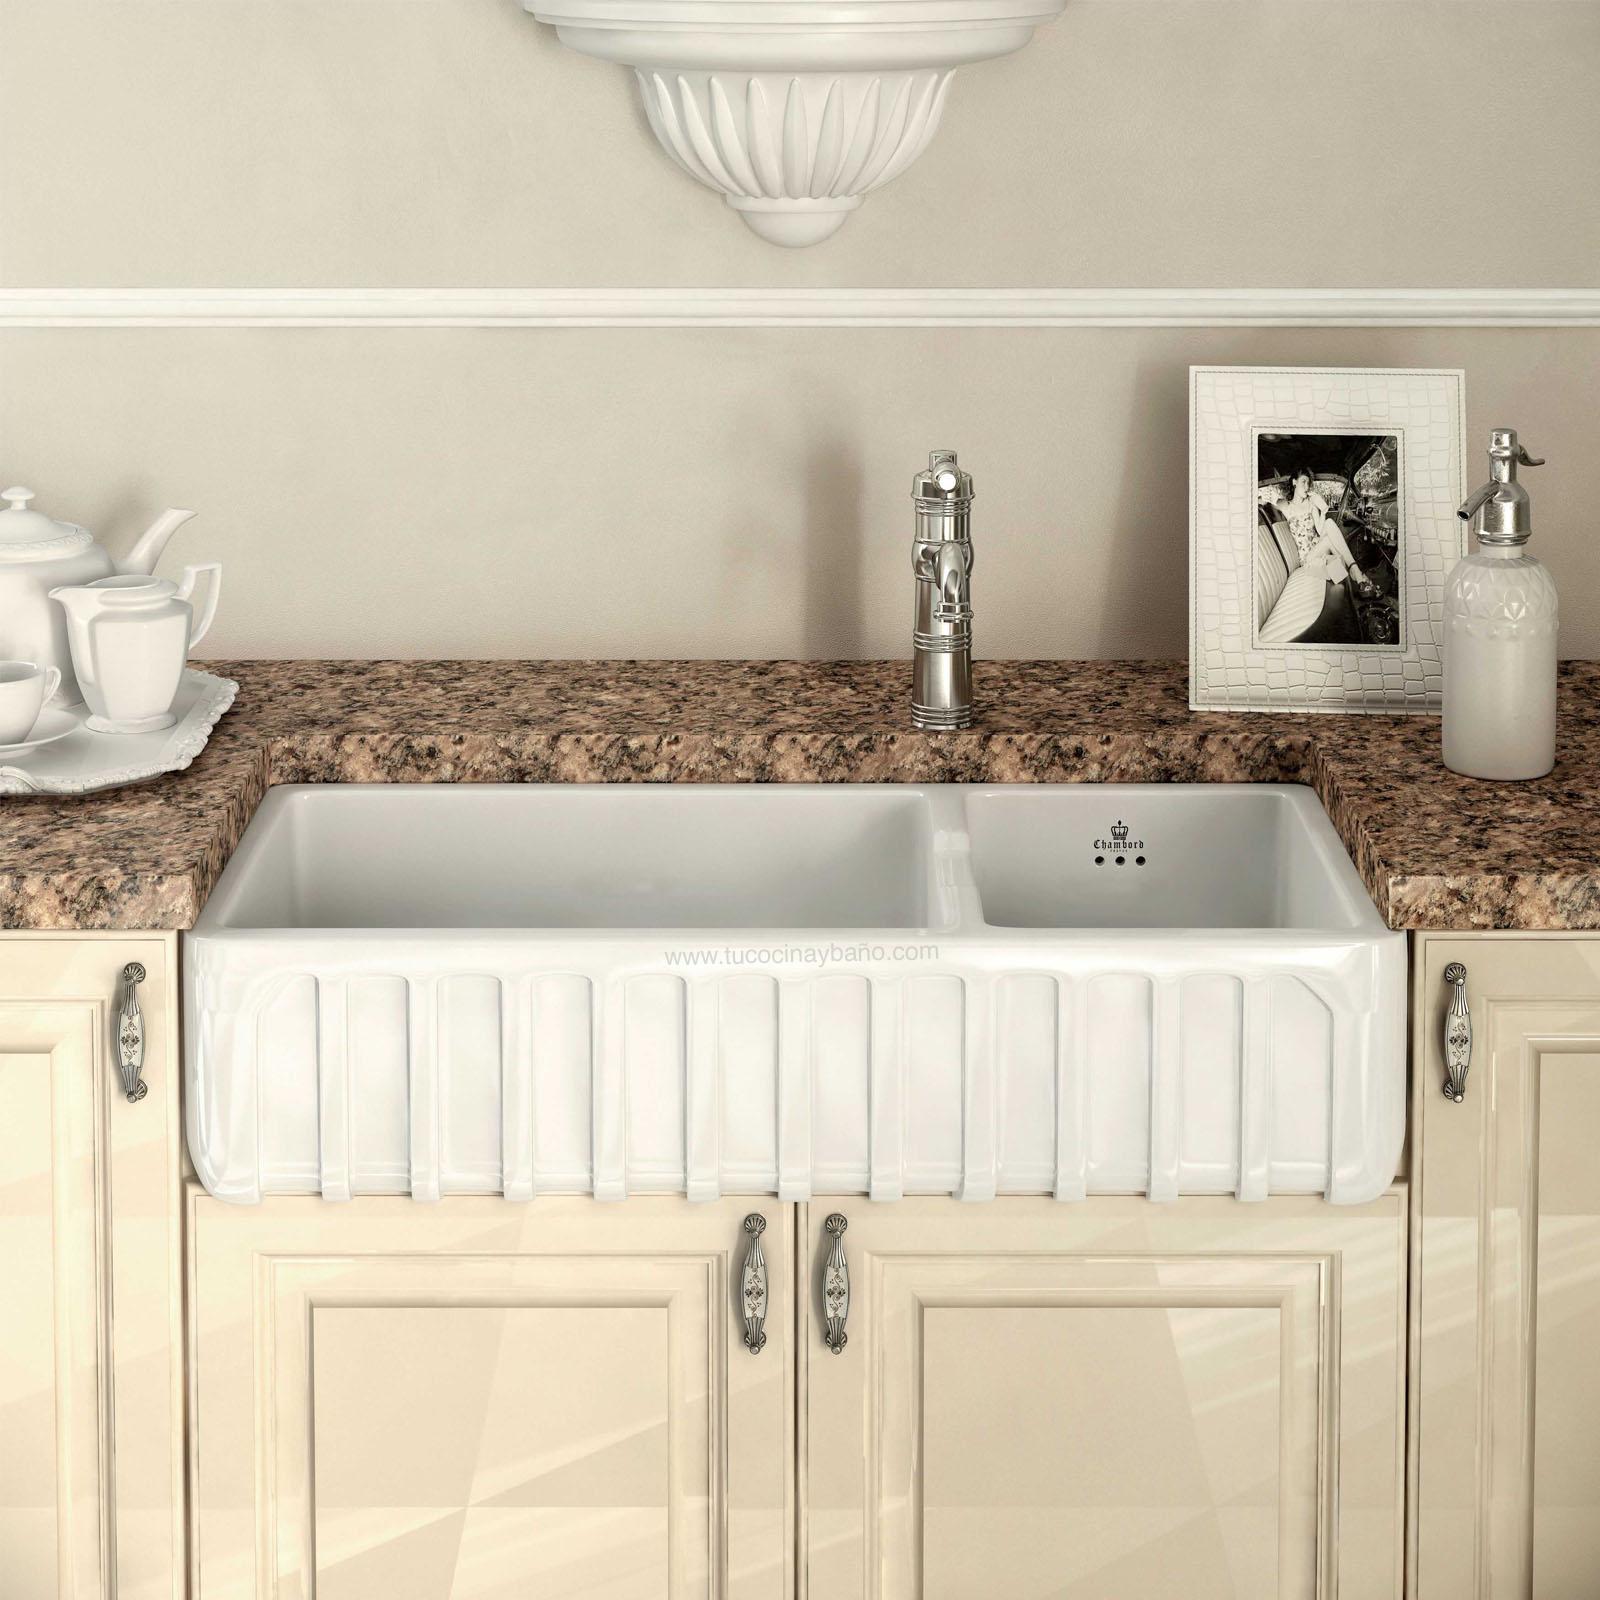 Fregadero ceramico luis iii tu cocina y ba o - Fregadero sobre encimera ...